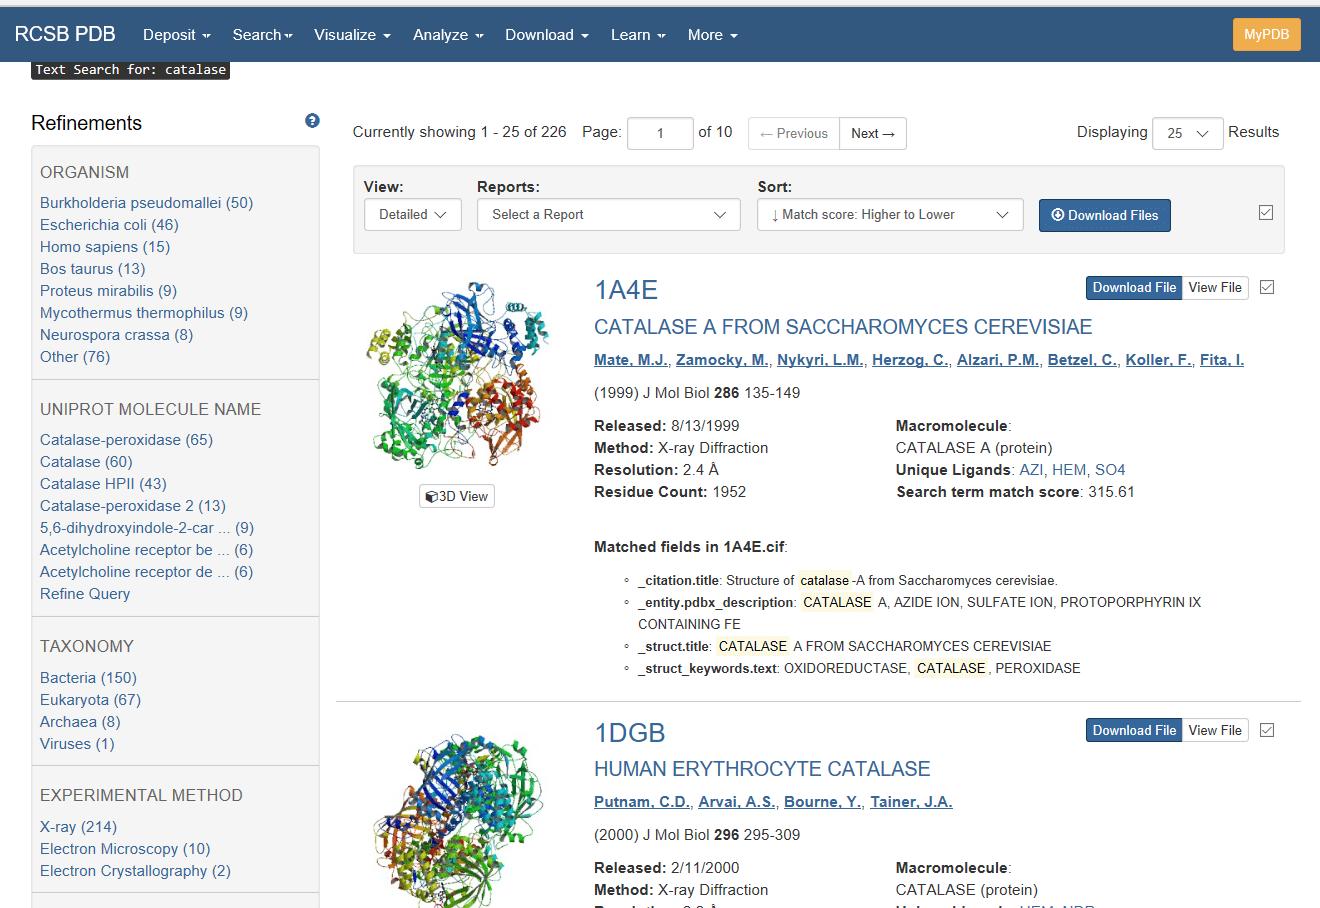 Δομή βάσεων δεδομένων ιστότοπων